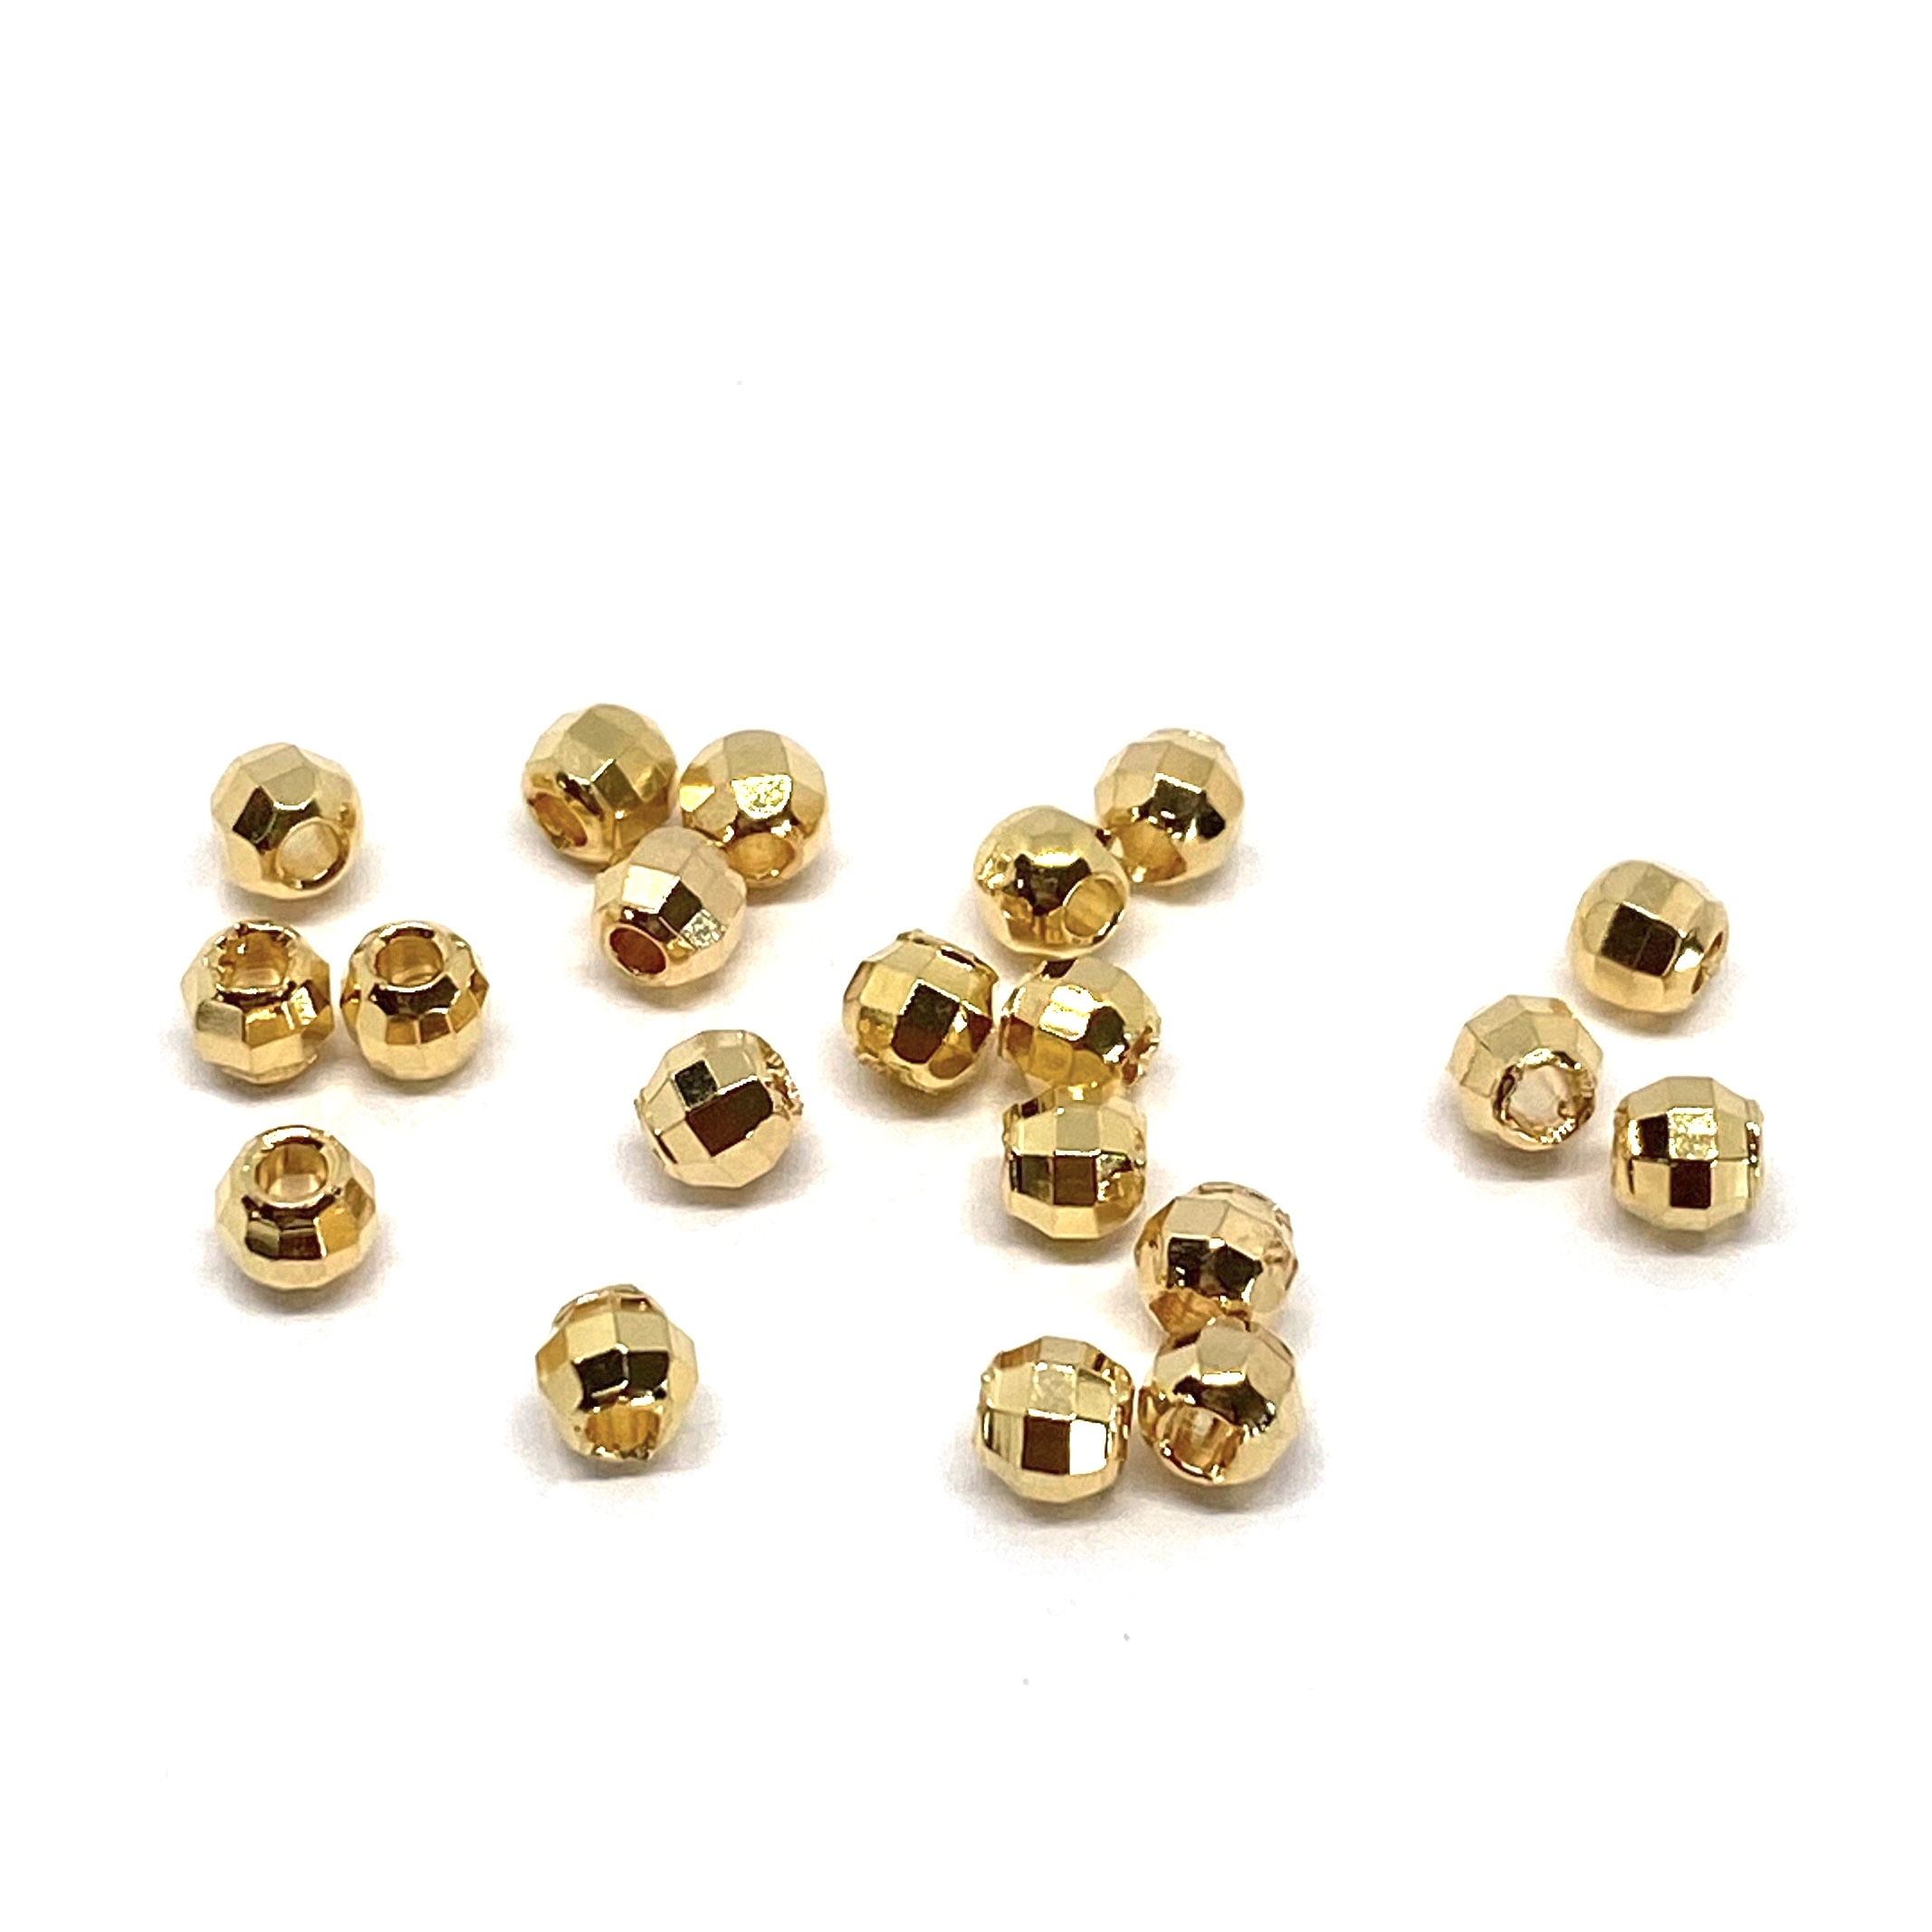 18 karat ægte guldbelagte dele